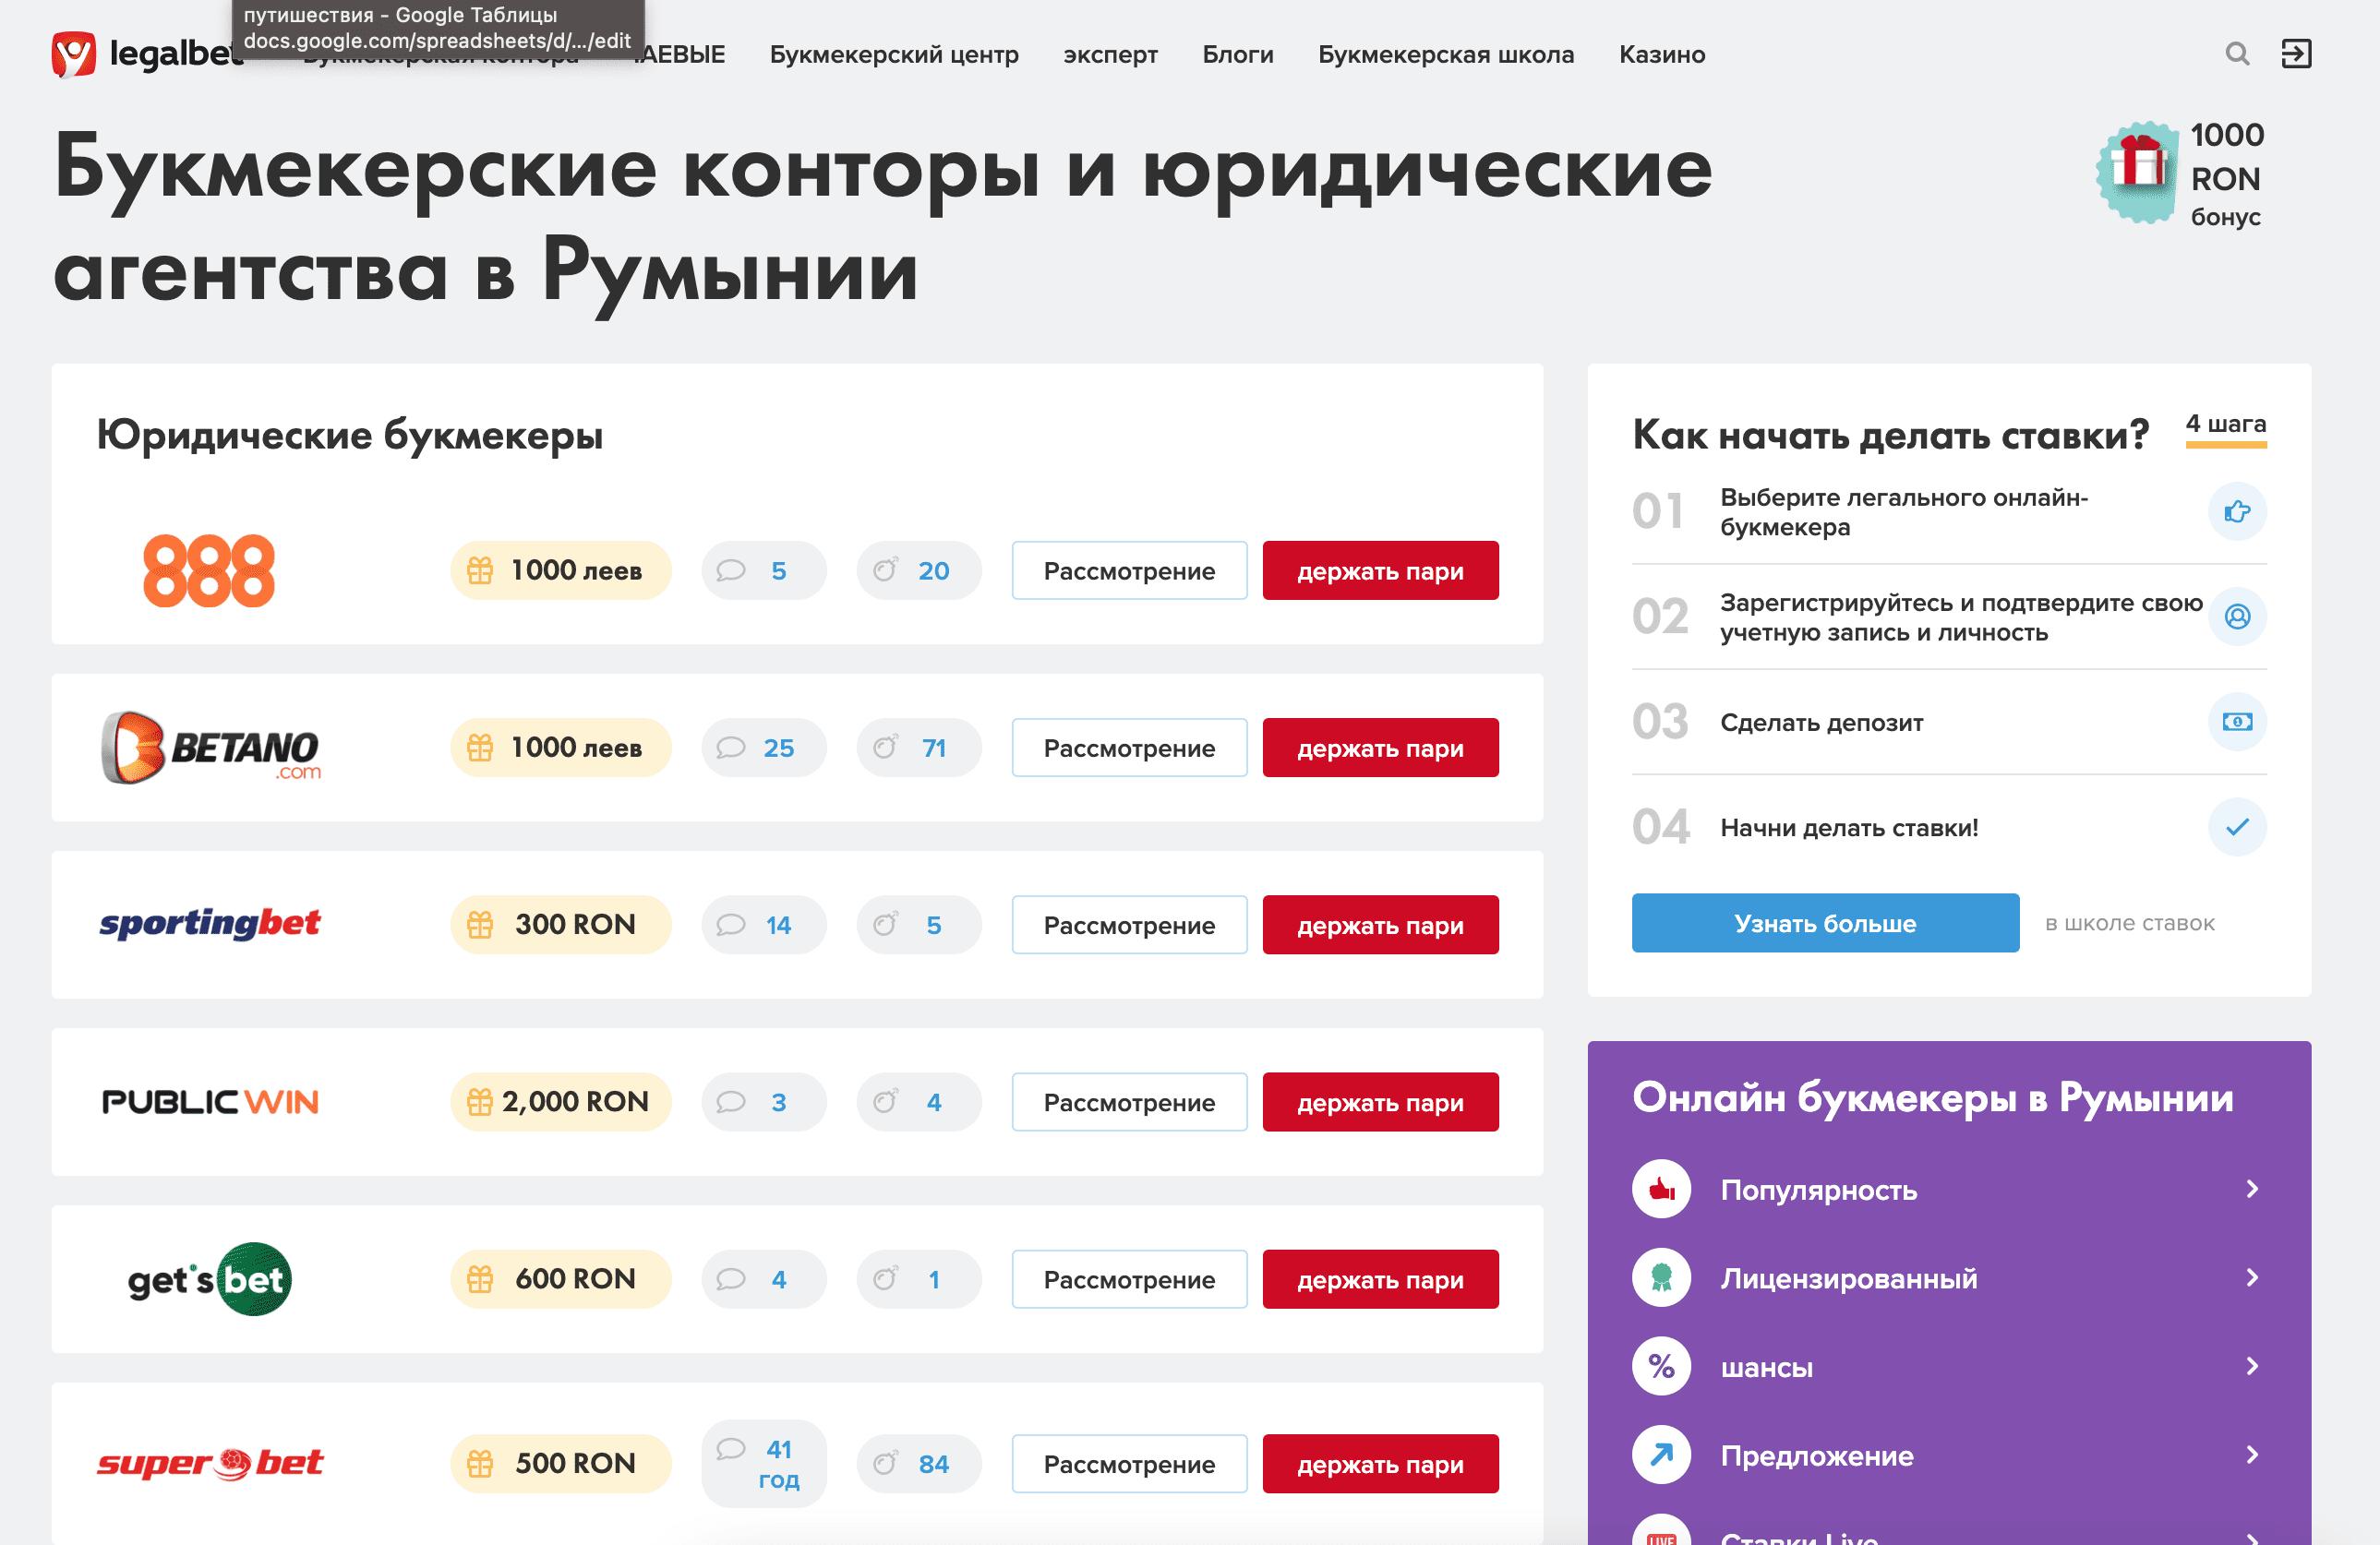 Главная страница сайта Легалбет (www Legalbet ru)